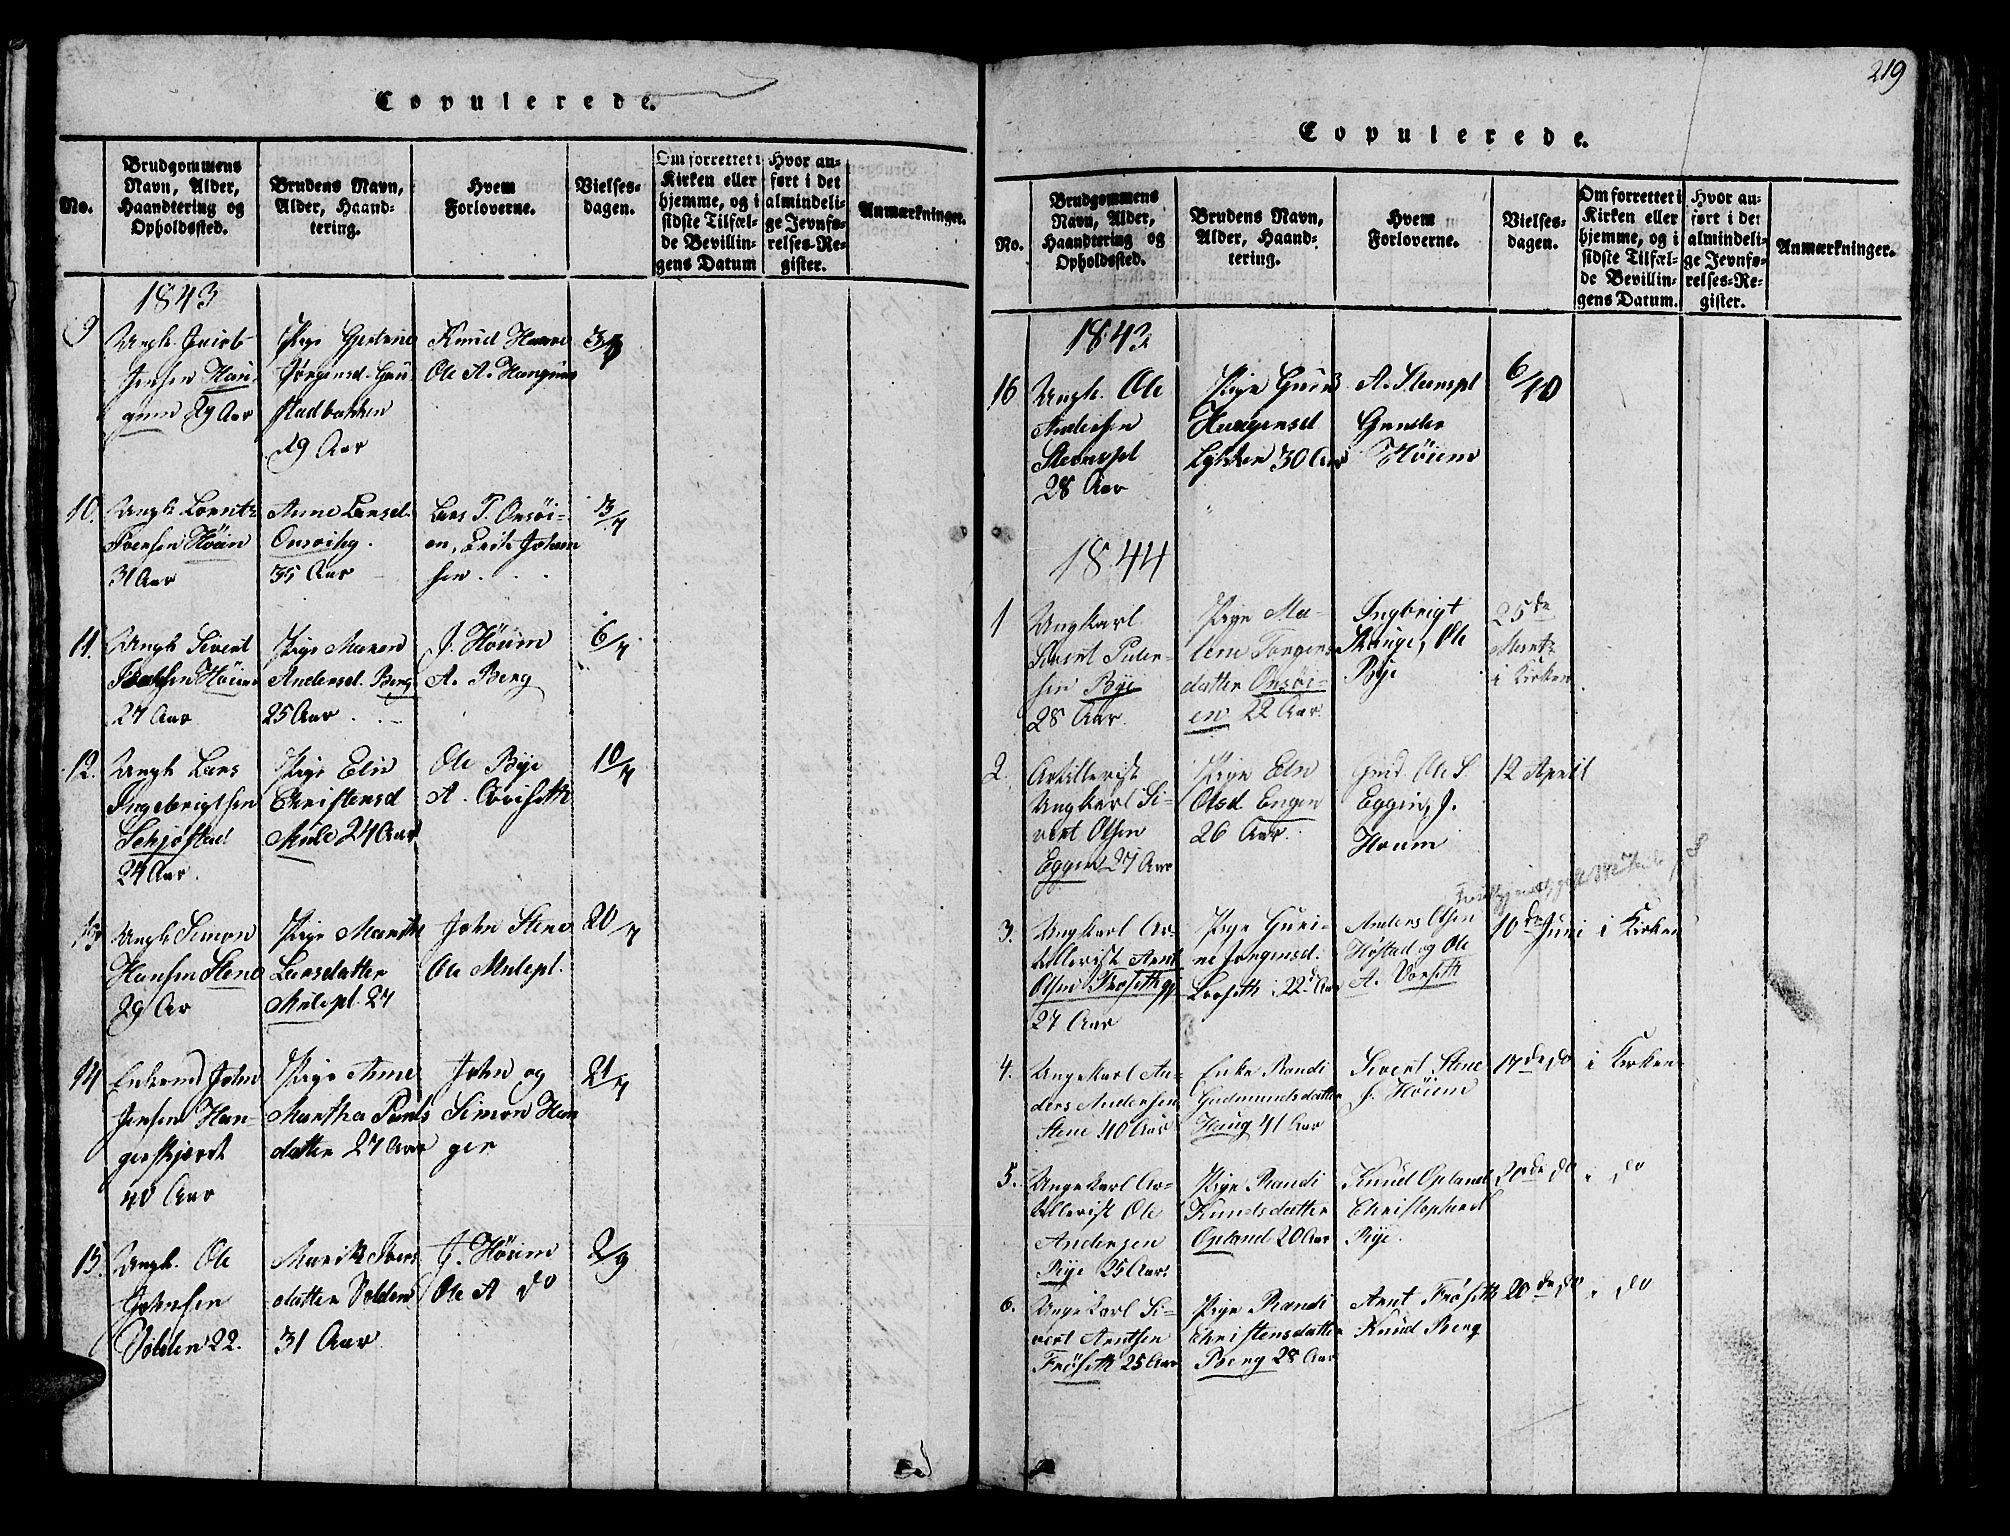 SAT, Ministerialprotokoller, klokkerbøker og fødselsregistre - Sør-Trøndelag, 612/L0385: Klokkerbok nr. 612C01, 1816-1845, s. 219